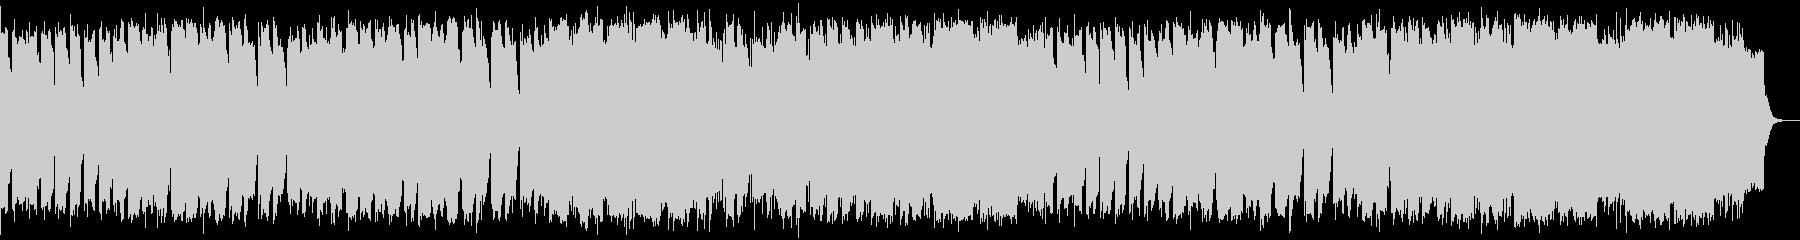 シャッフルのリズムに可愛げなSAXのメロの未再生の波形